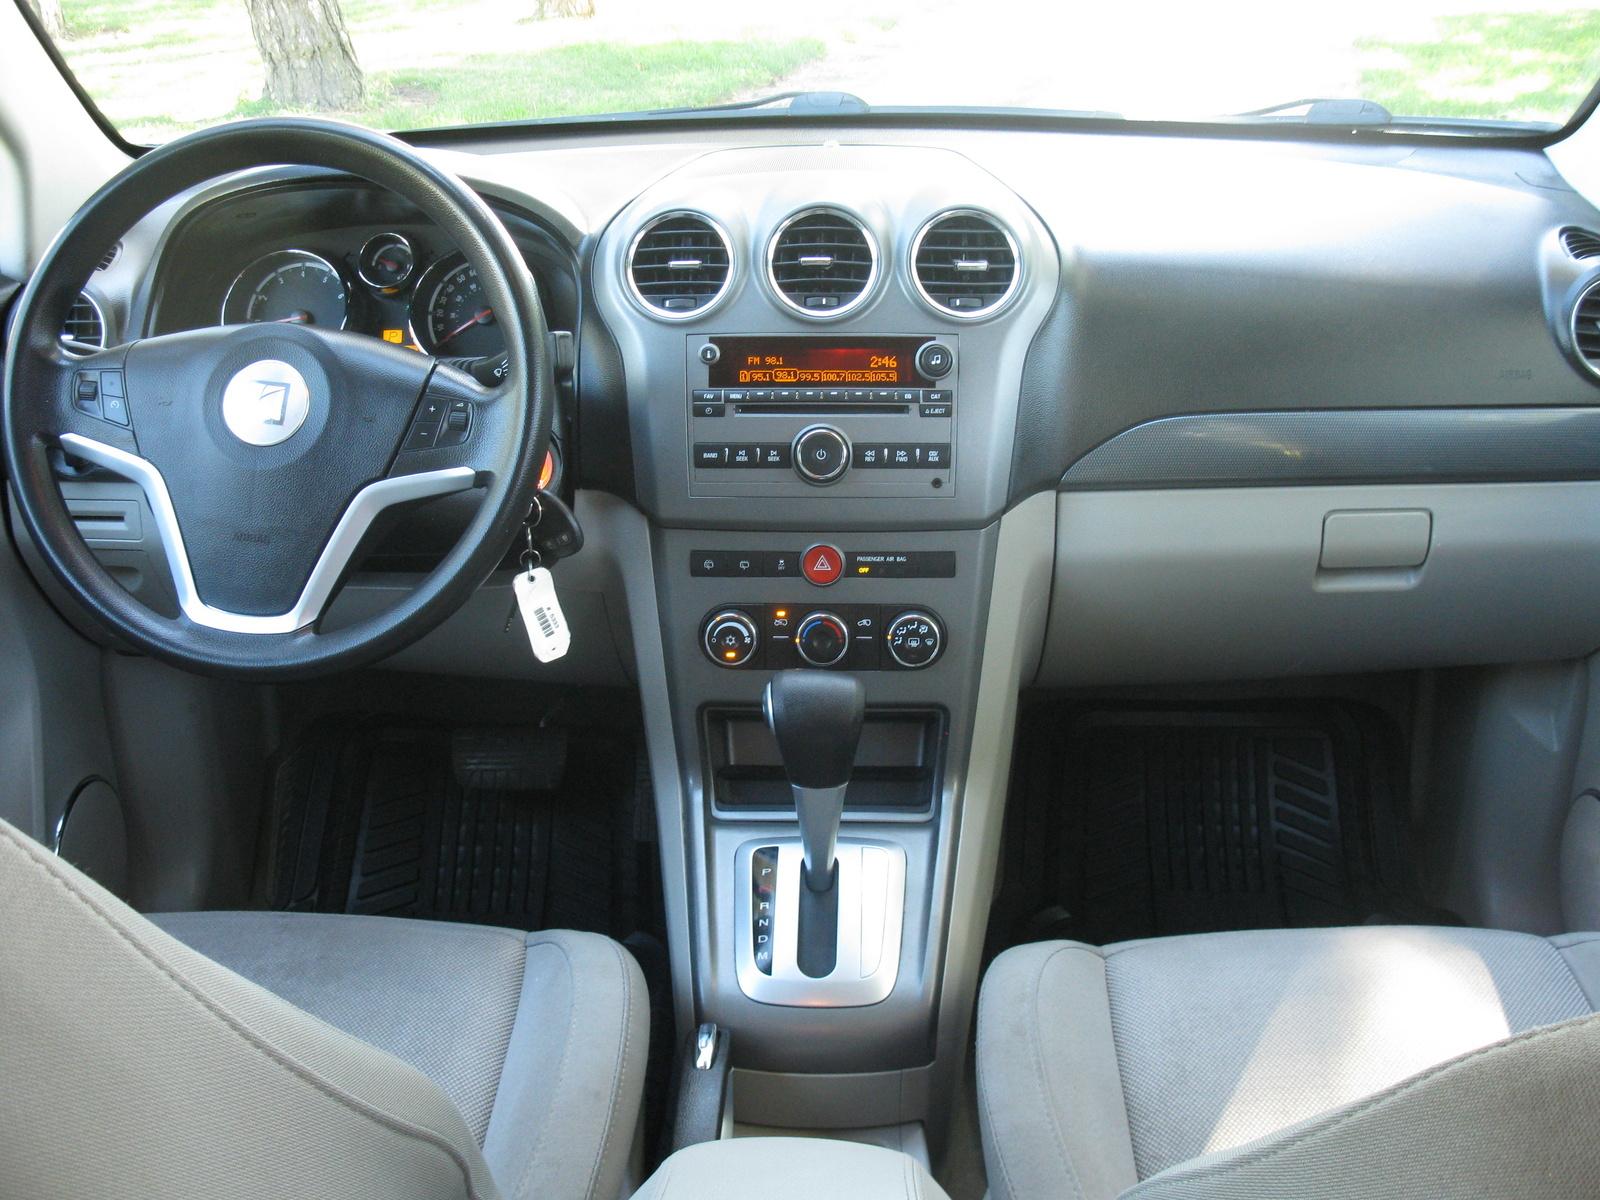 2008 Saturn Vue Interior